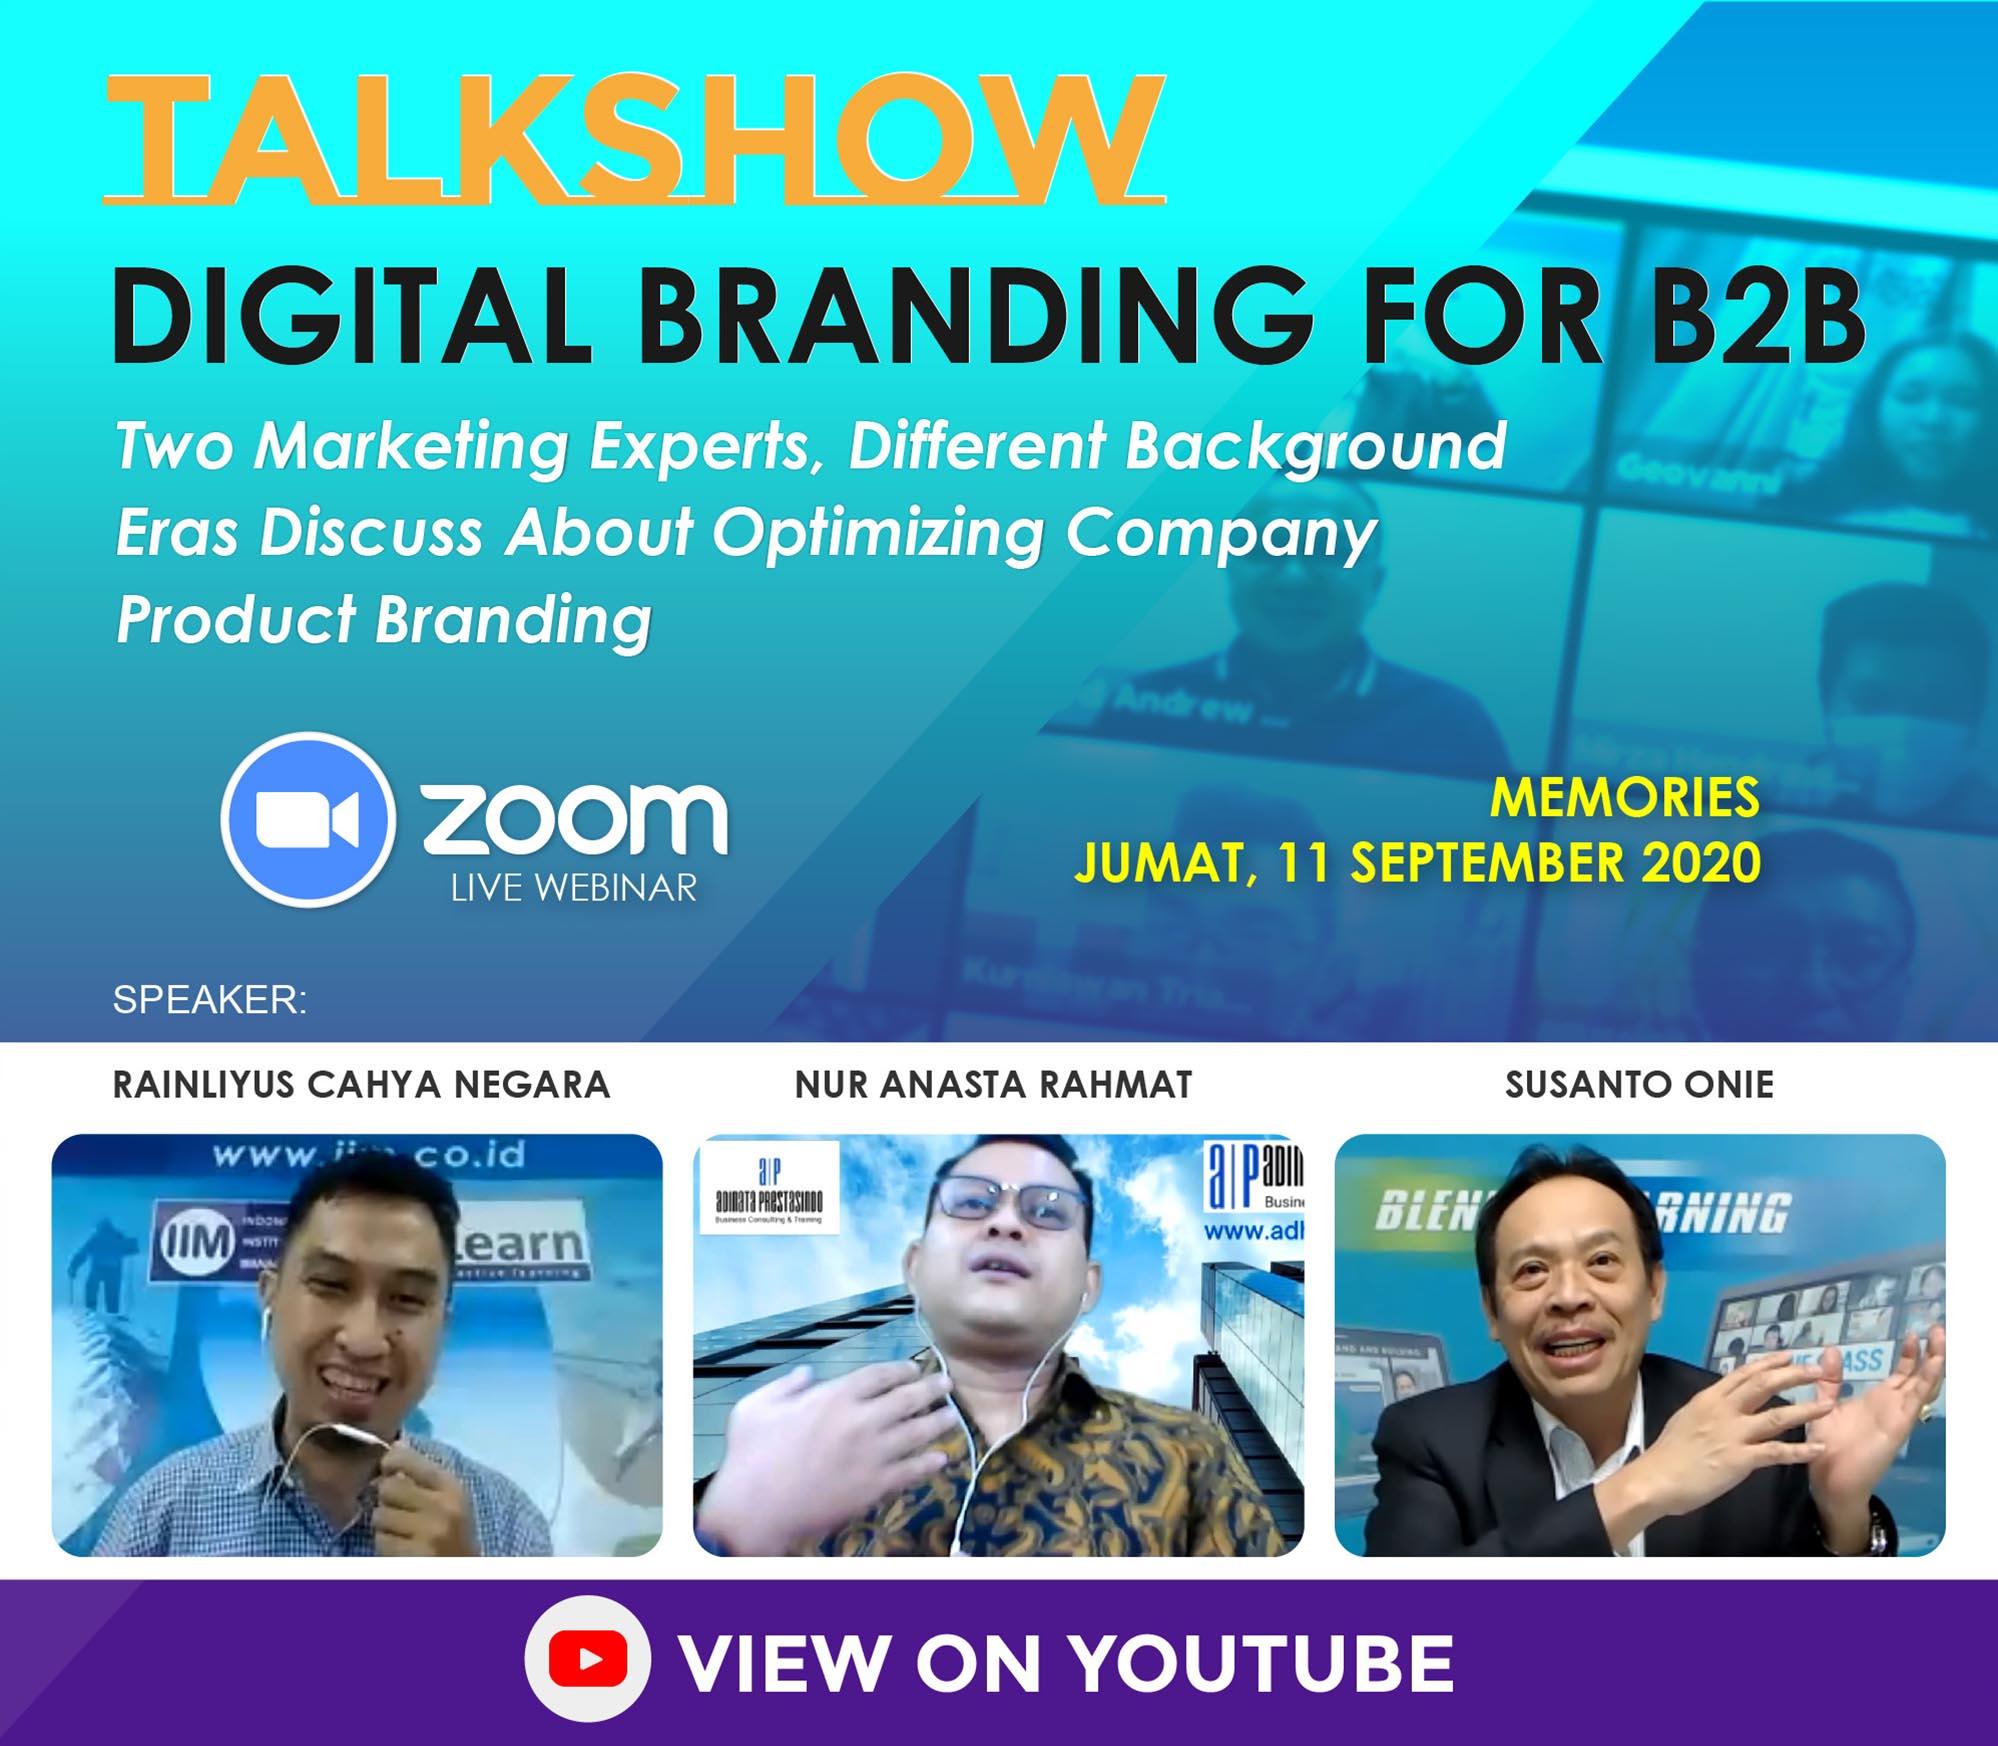 Digital Branding for B2B